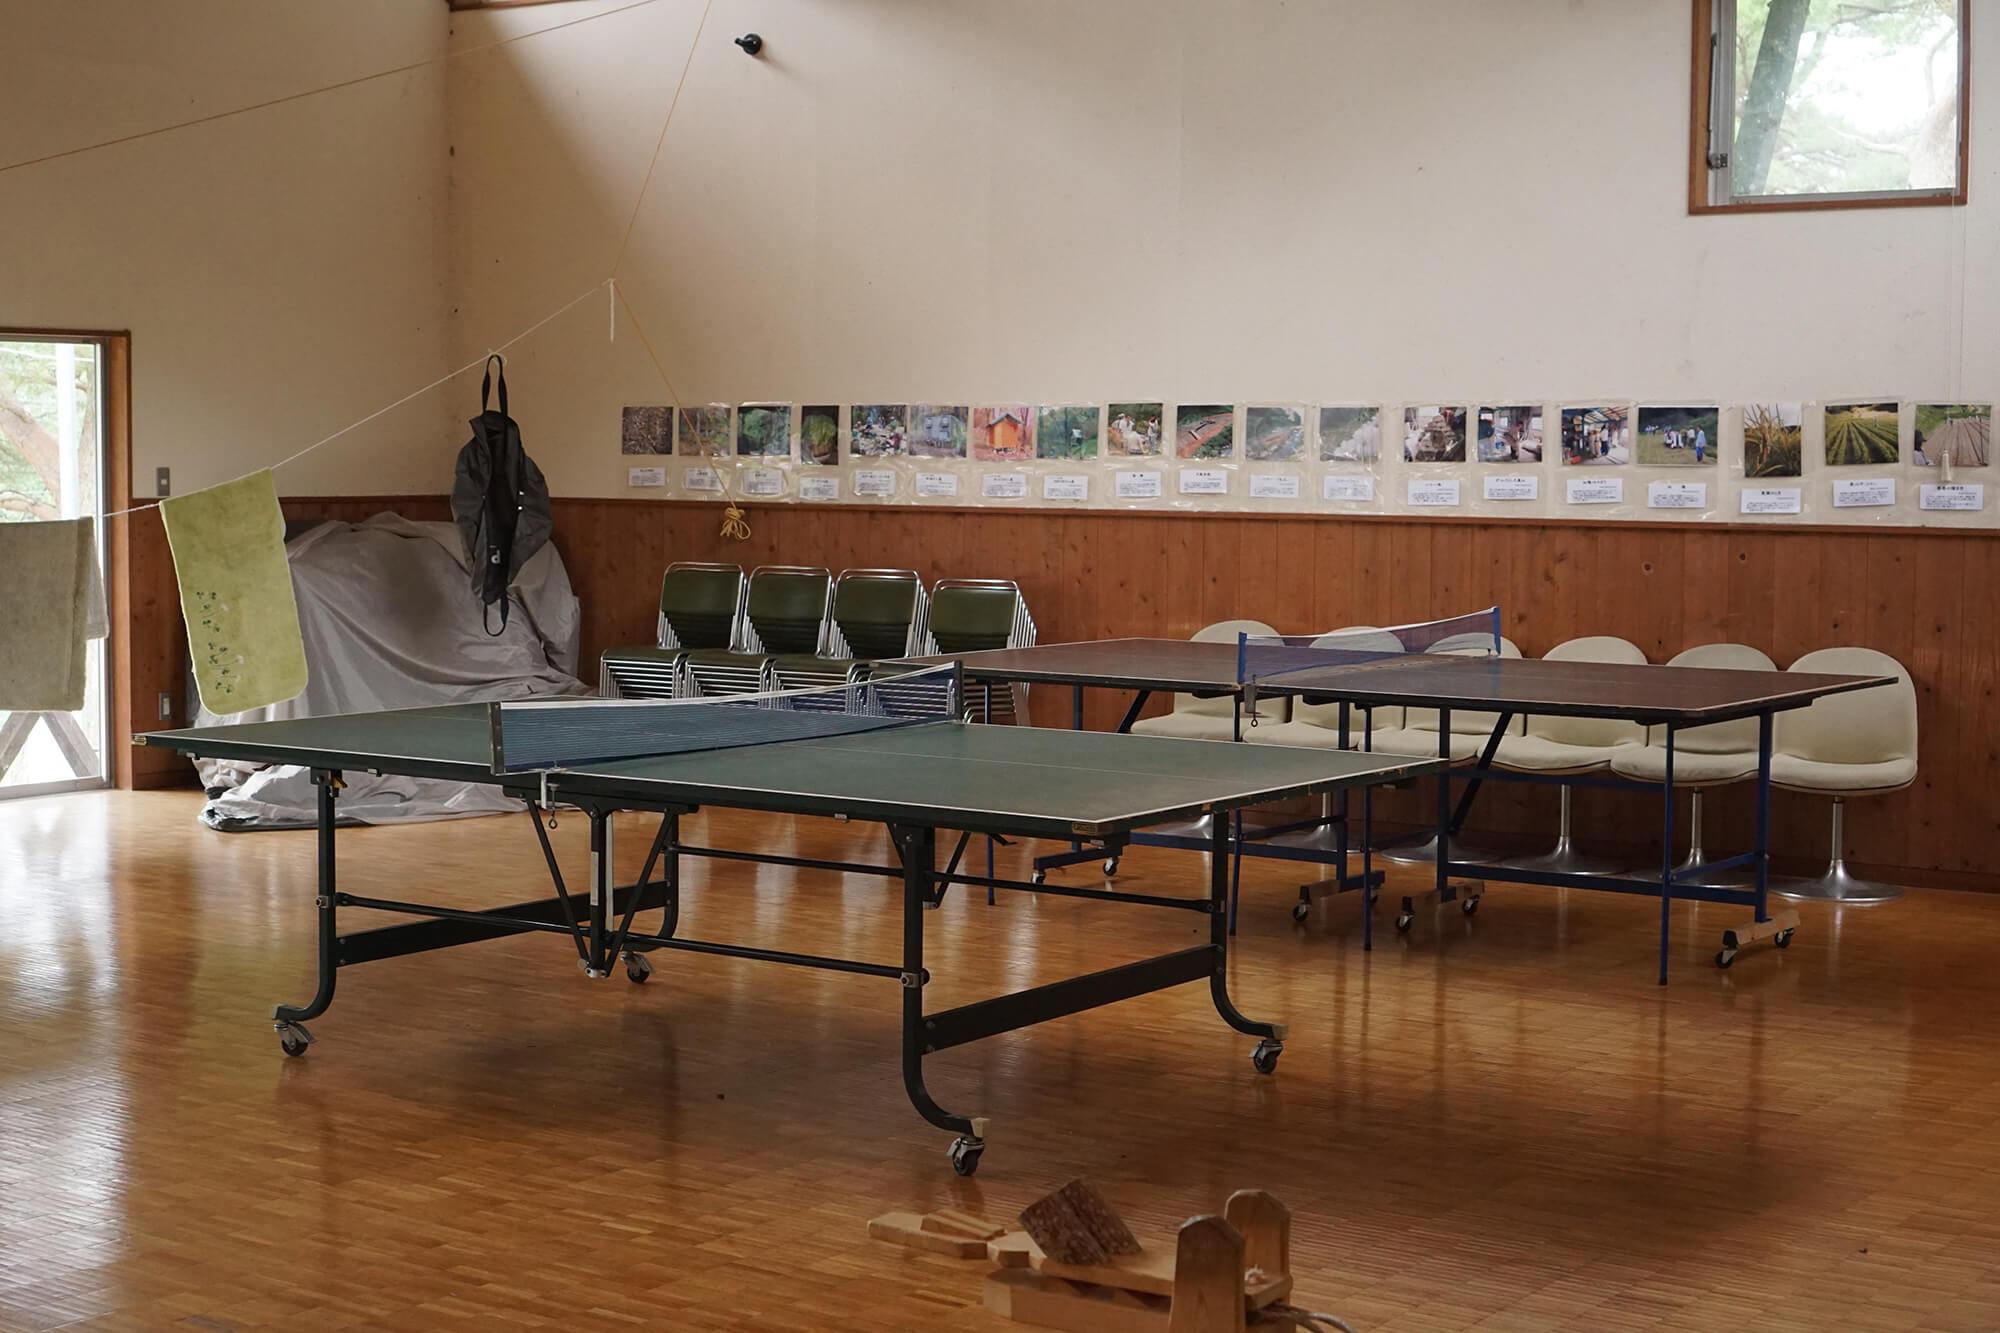 山崎アウトドアランドの卓球台の写真